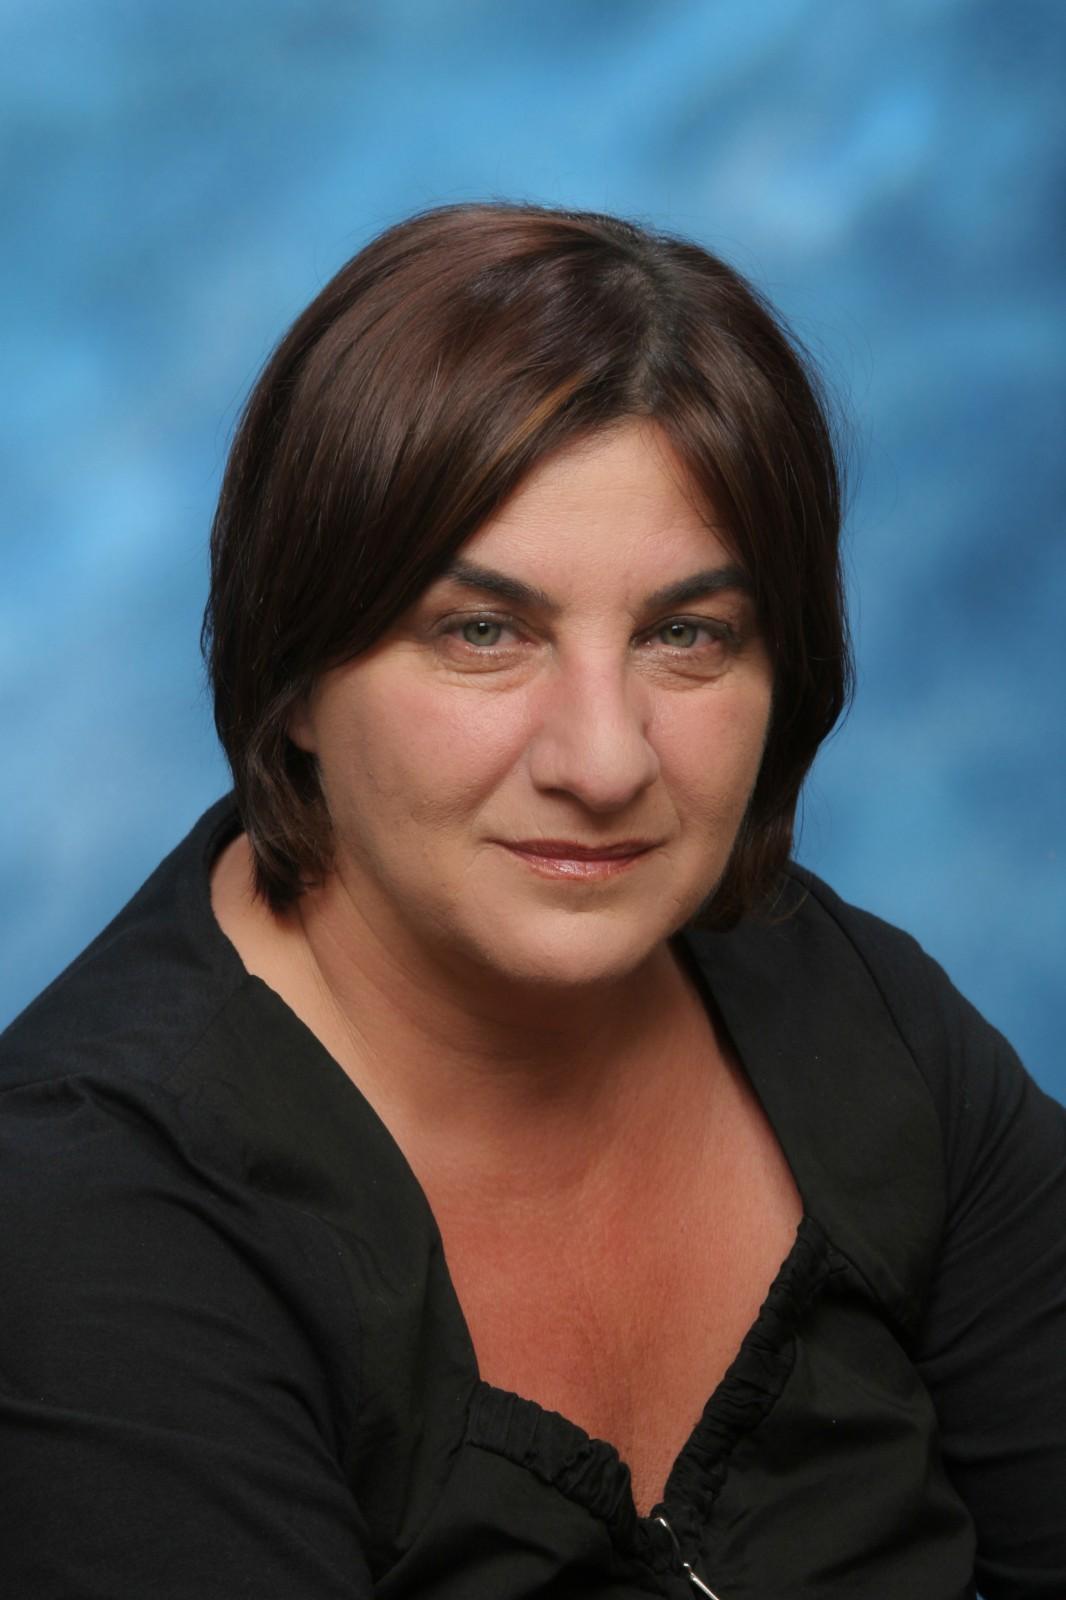 """טלי בן-עובדיה, סמנכ""""לית תוכן ועורכת ראשית של """"וואלה"""", 28.11.12. צילום: דוברות """"וואלה"""""""